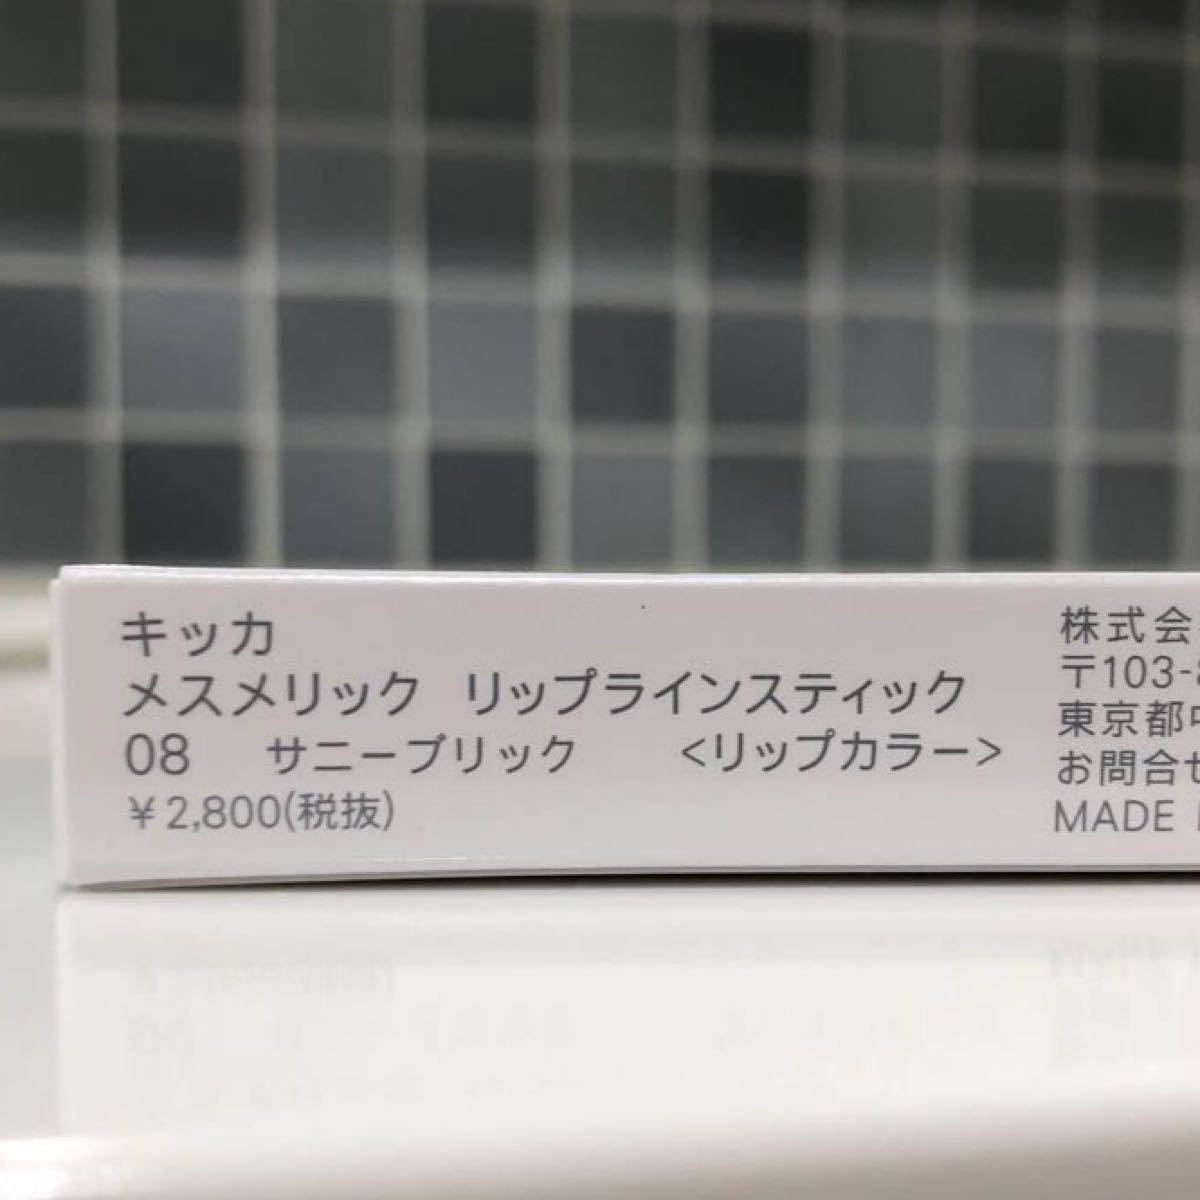 キッカ メスメリック リップラインスティック 08 サニーブリック リップライナー (1回使用)